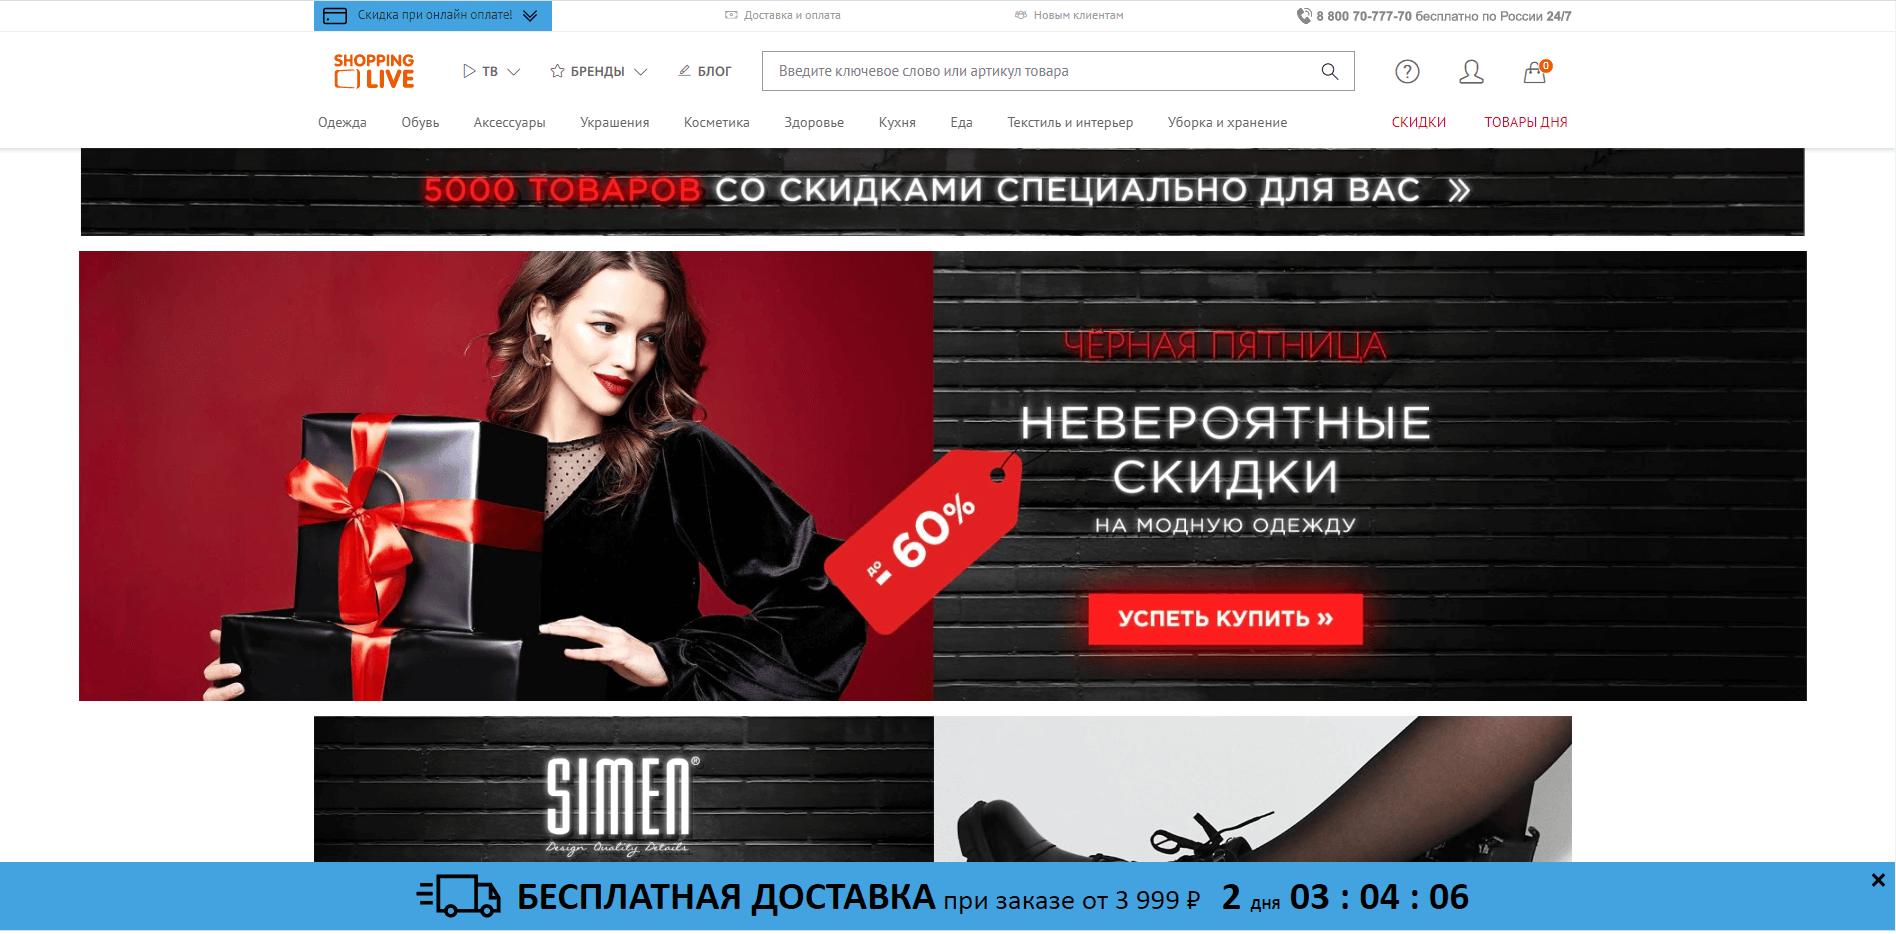 shoppinglive.ru website